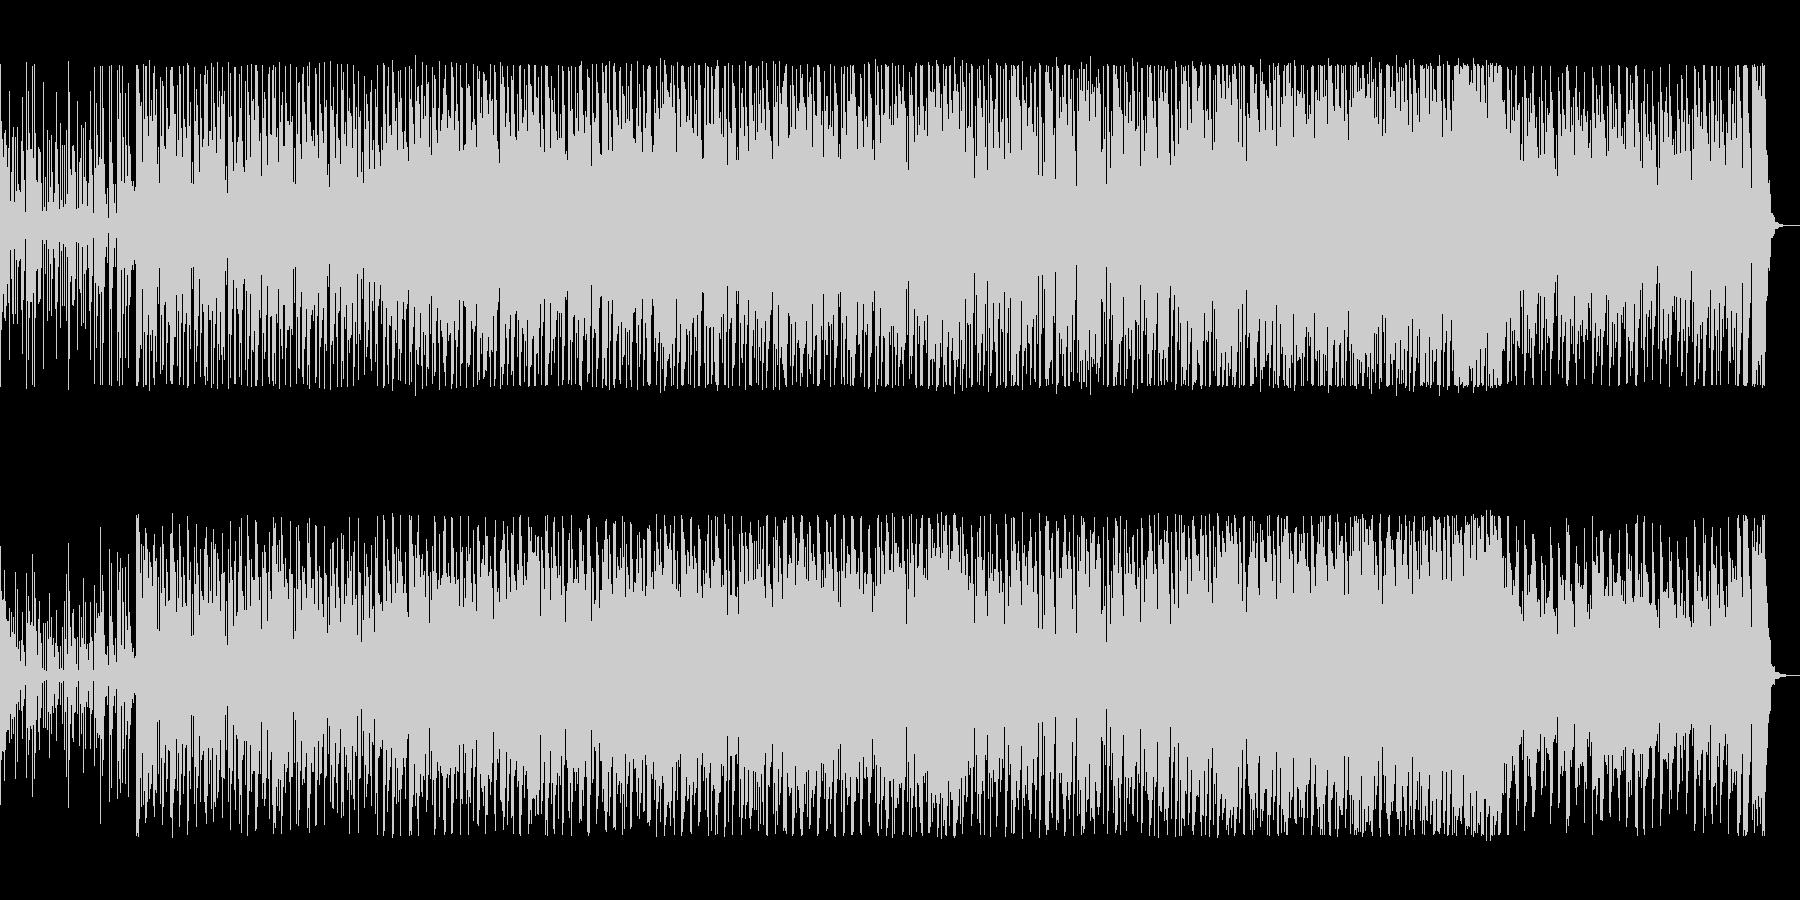 サンバの様なブラジリアンの4つ打ちの曲の未再生の波形